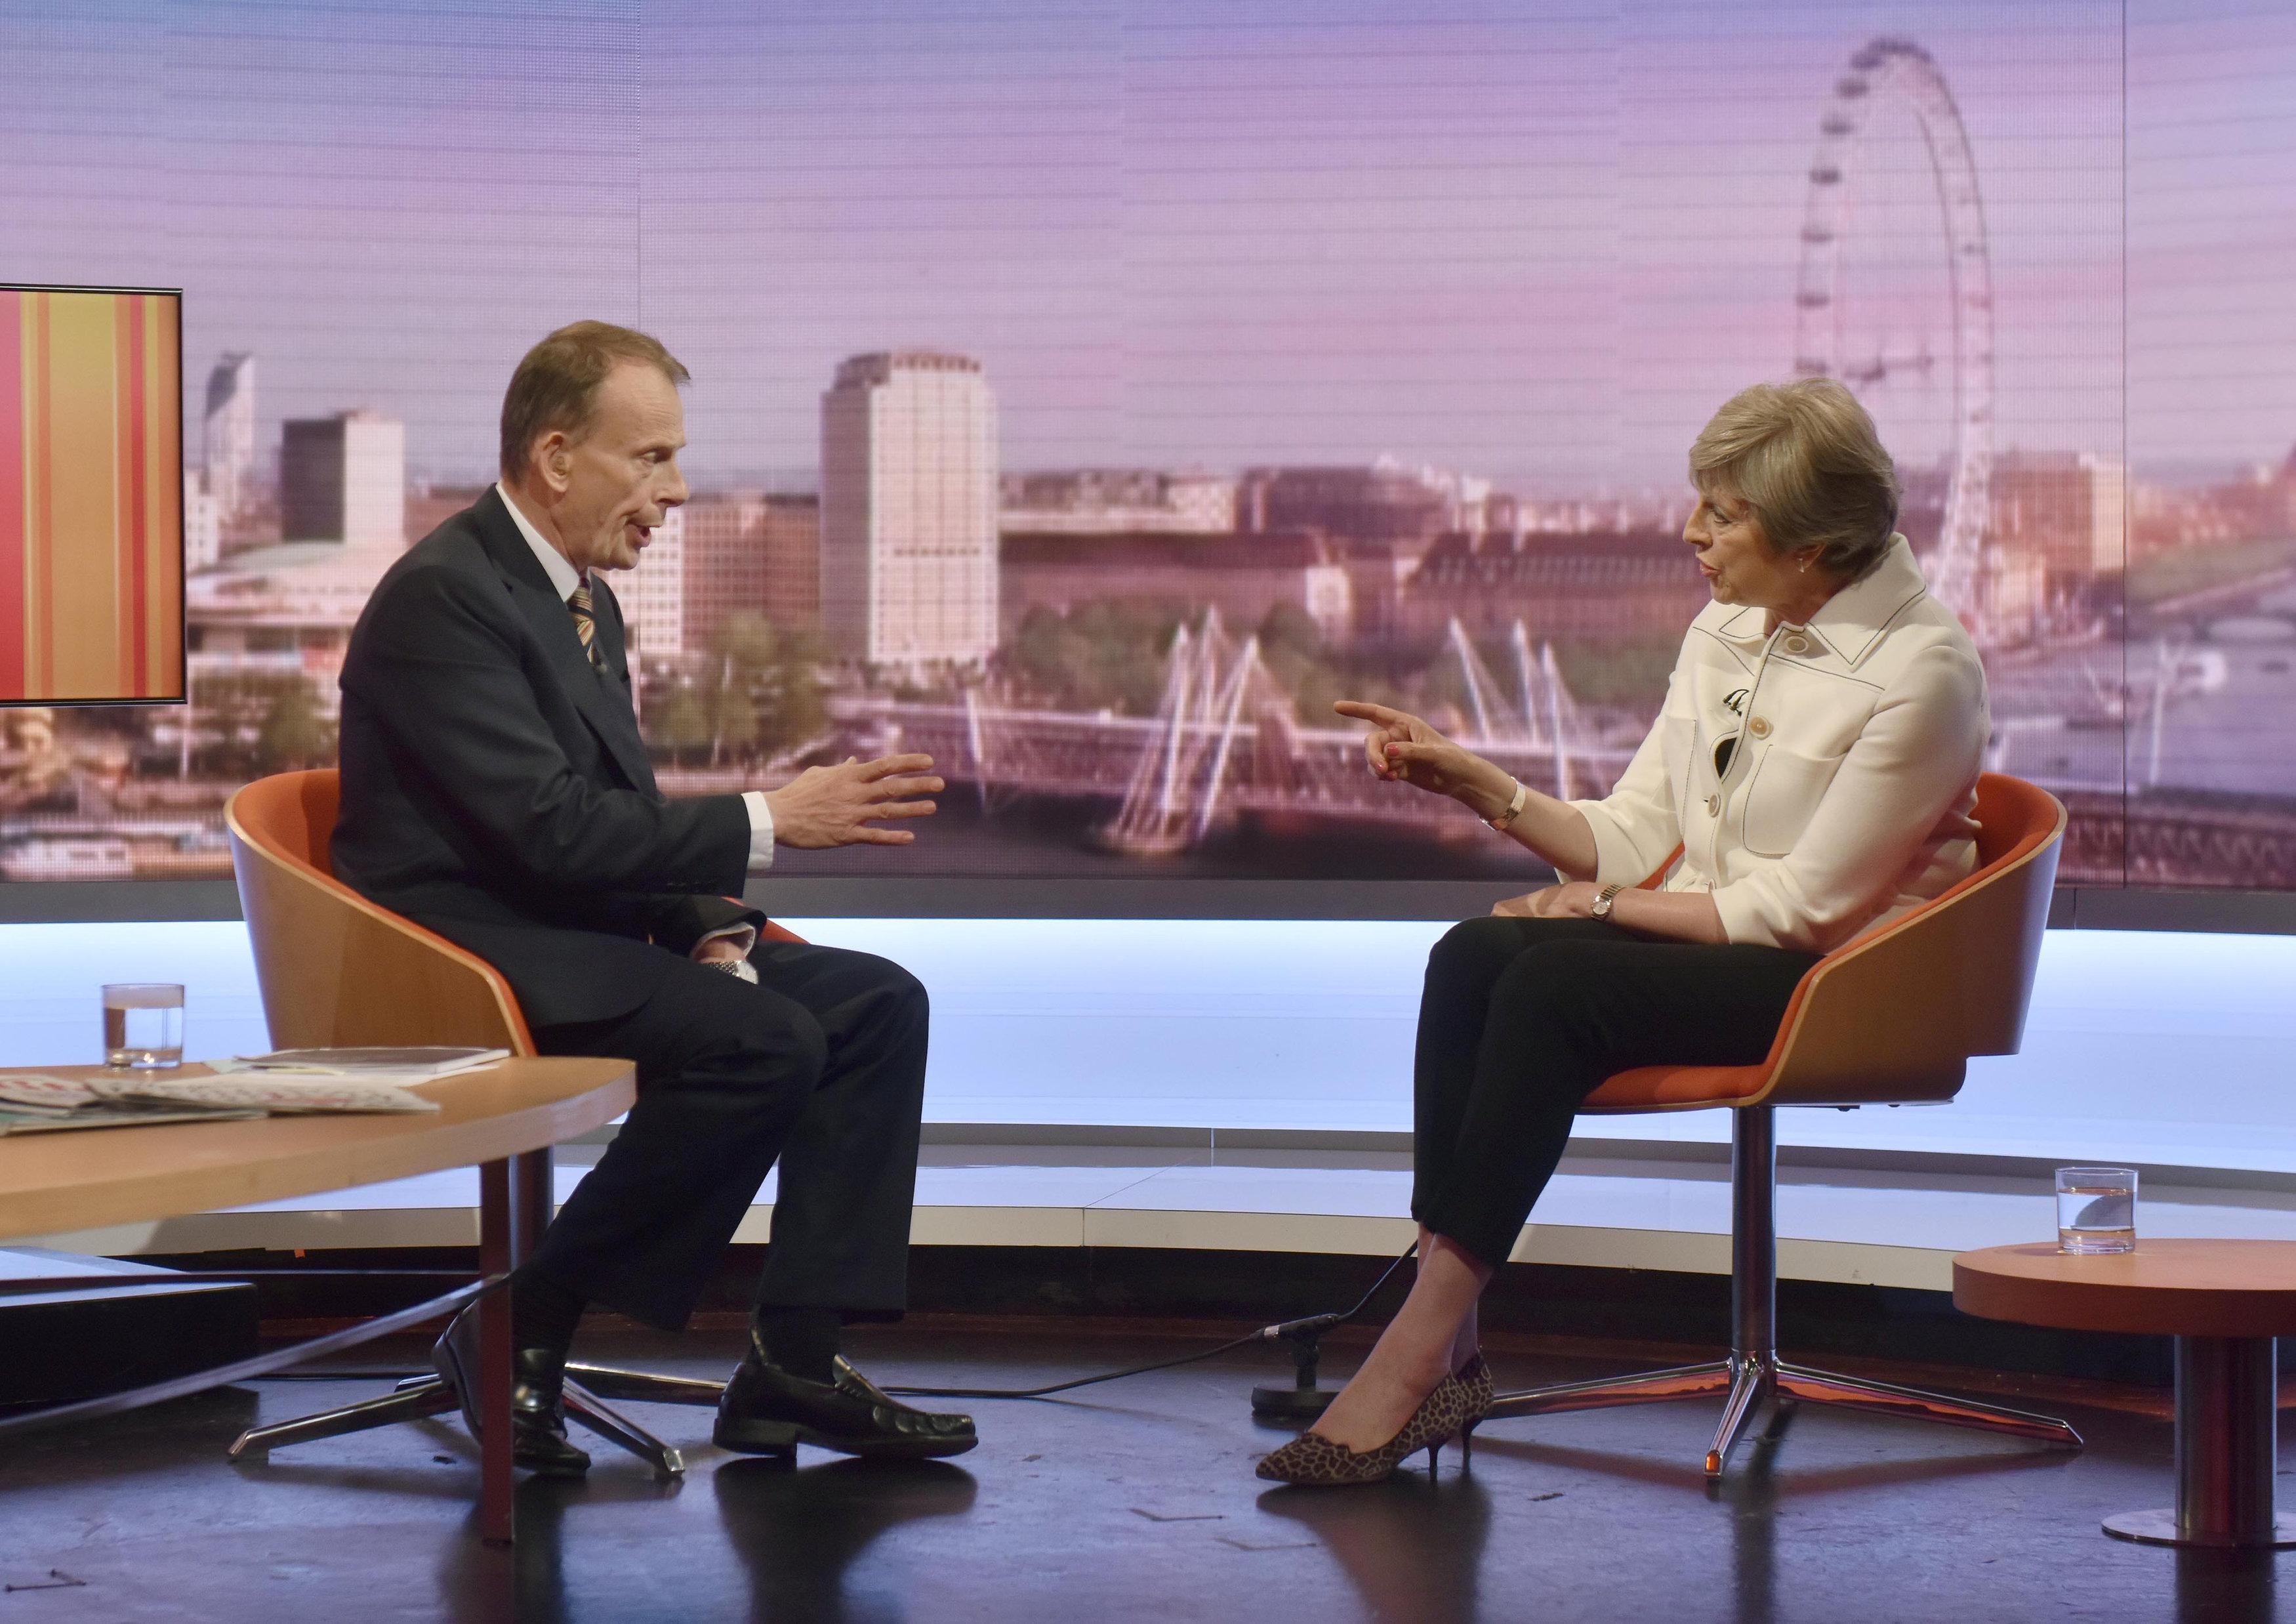 لقاء تلفزيونى لماى مع هيئة الإذاعة البريطانية